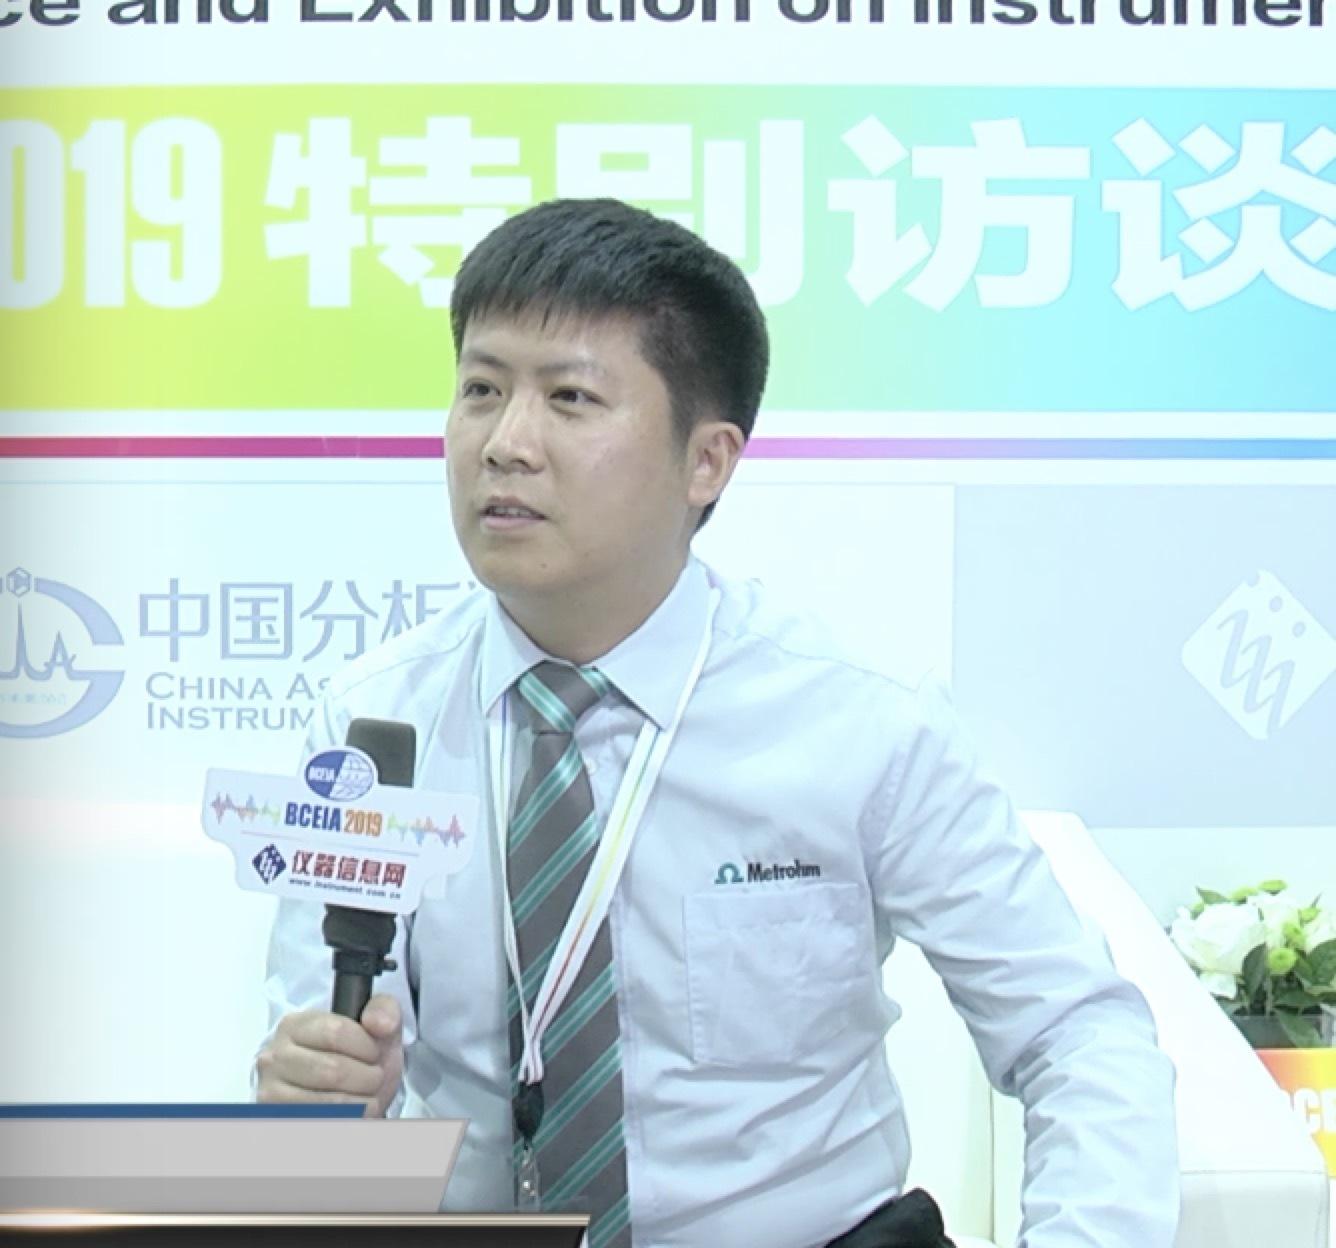 光谱类仪器或成为公司新增长点――访瑞士万通中国区市场部经理王中光